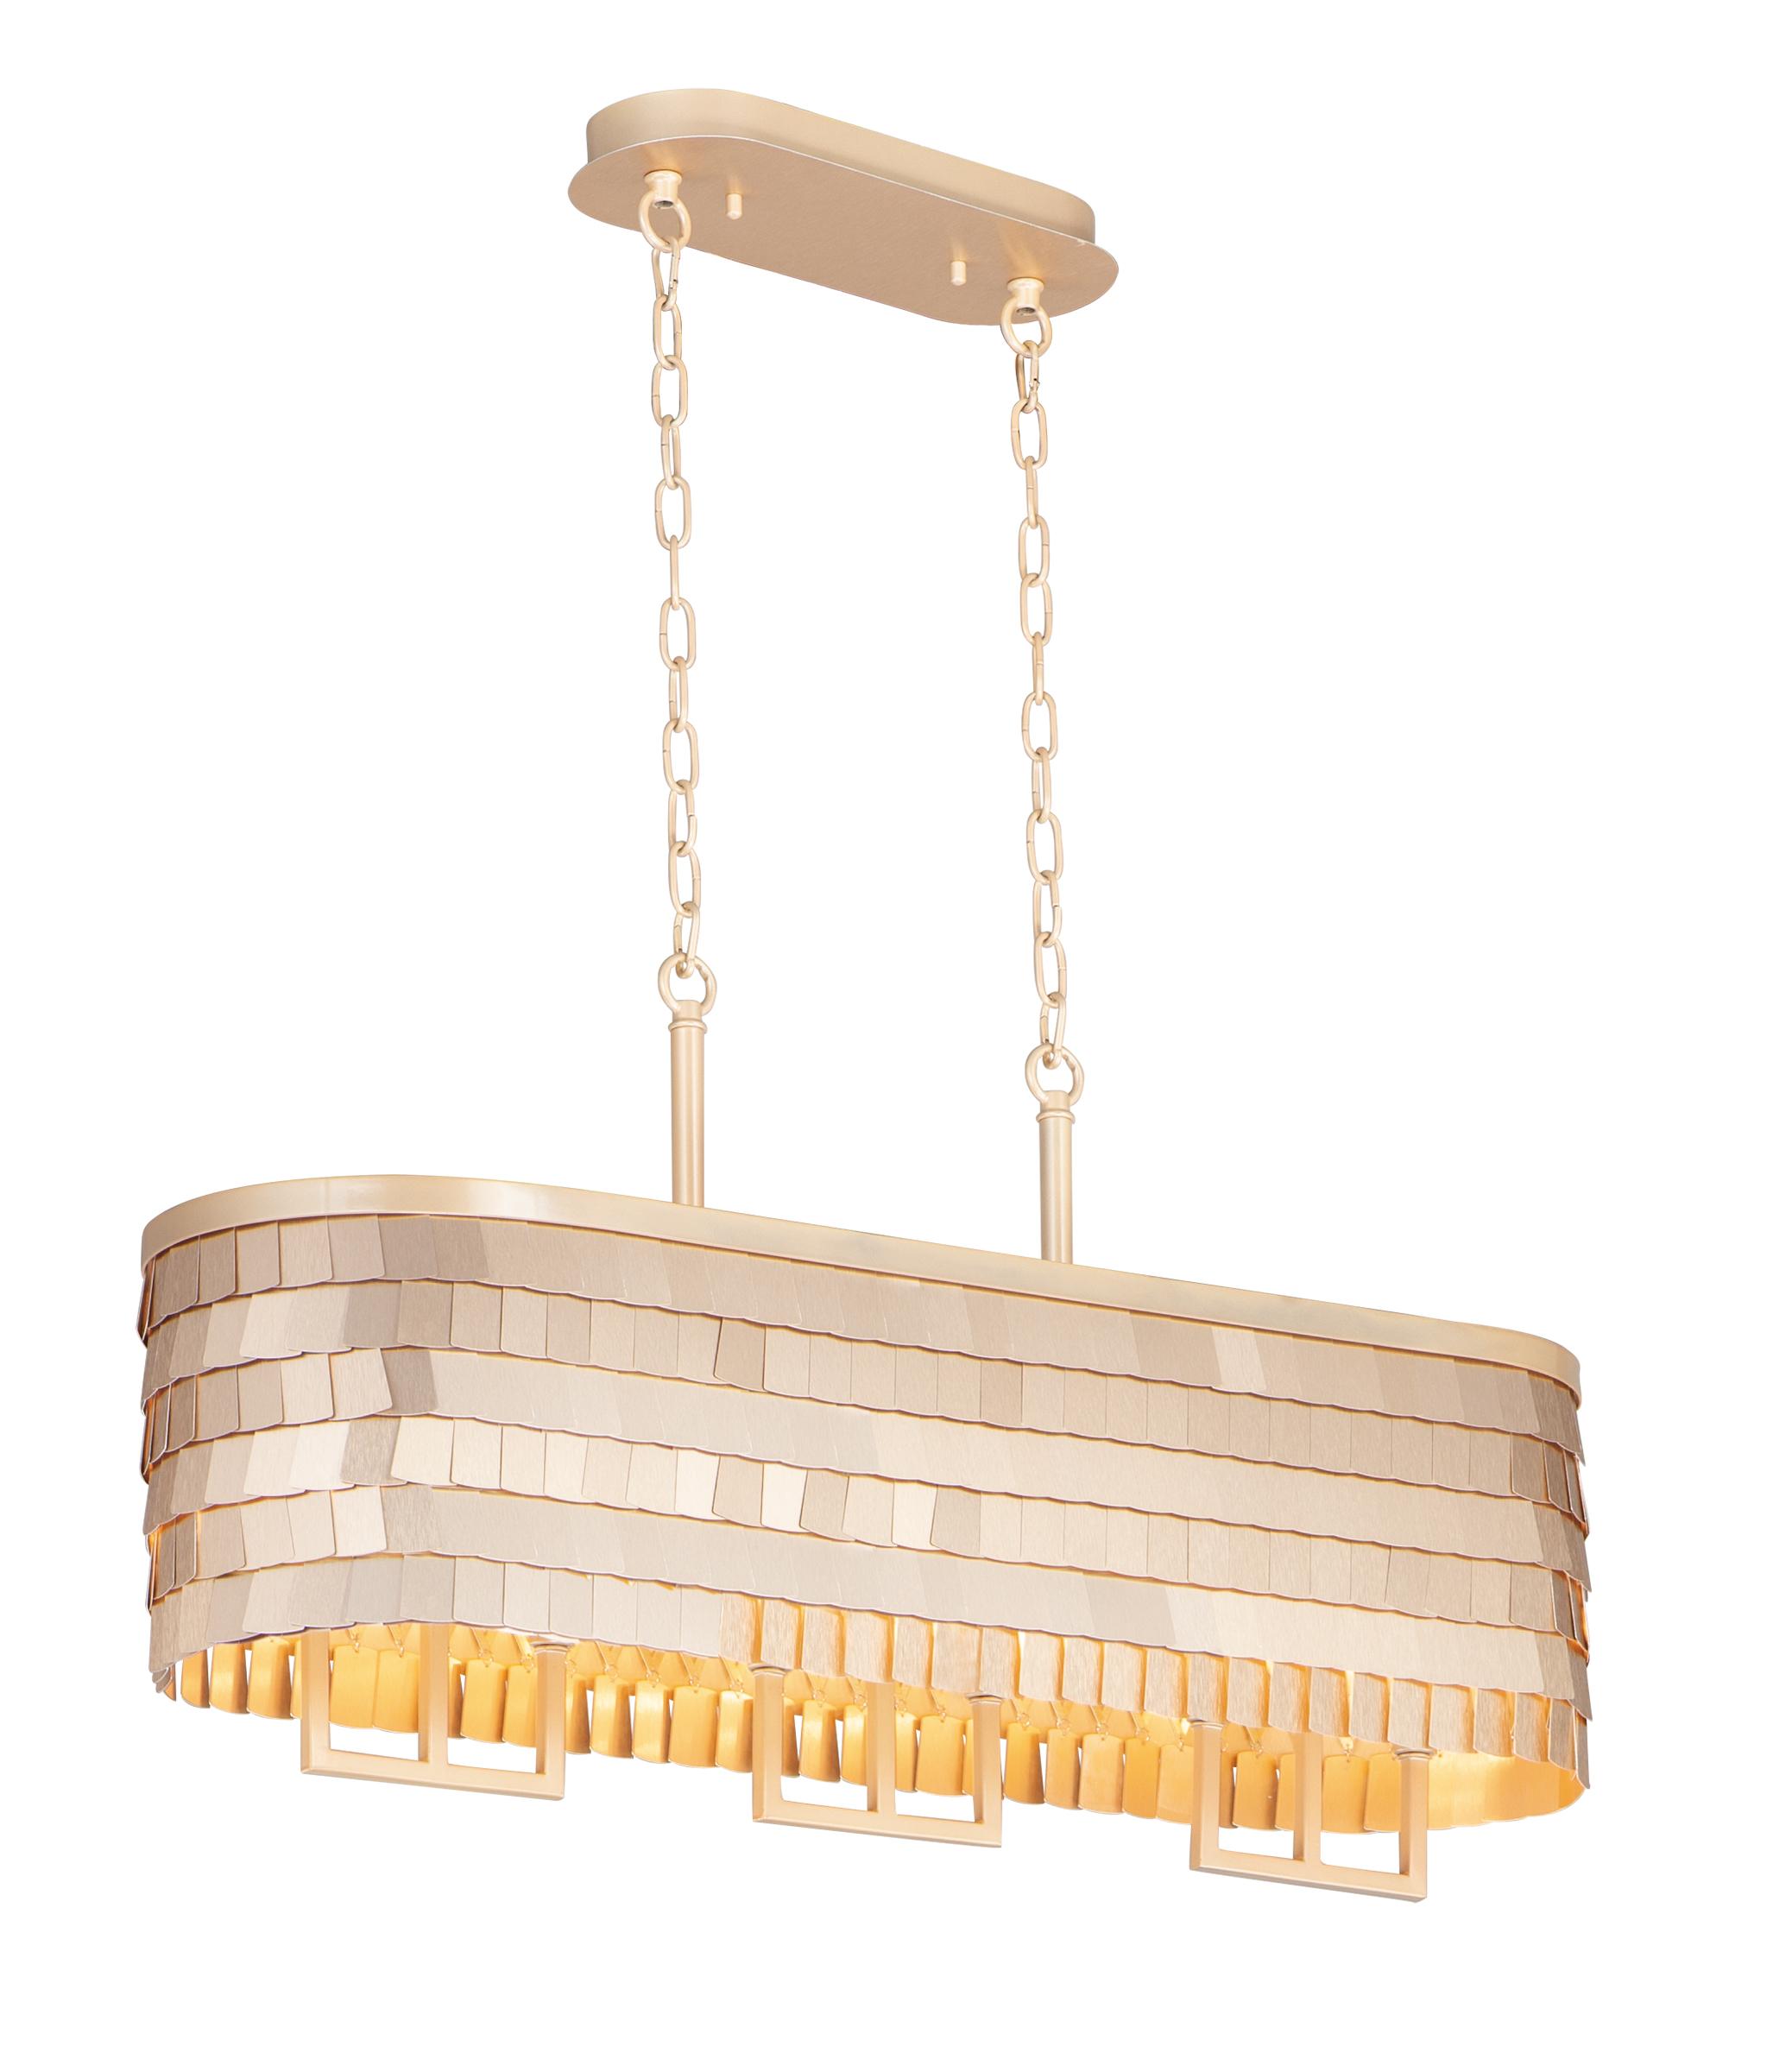 Glamour 6-Light Linear Chandelier | Maxim Lighting